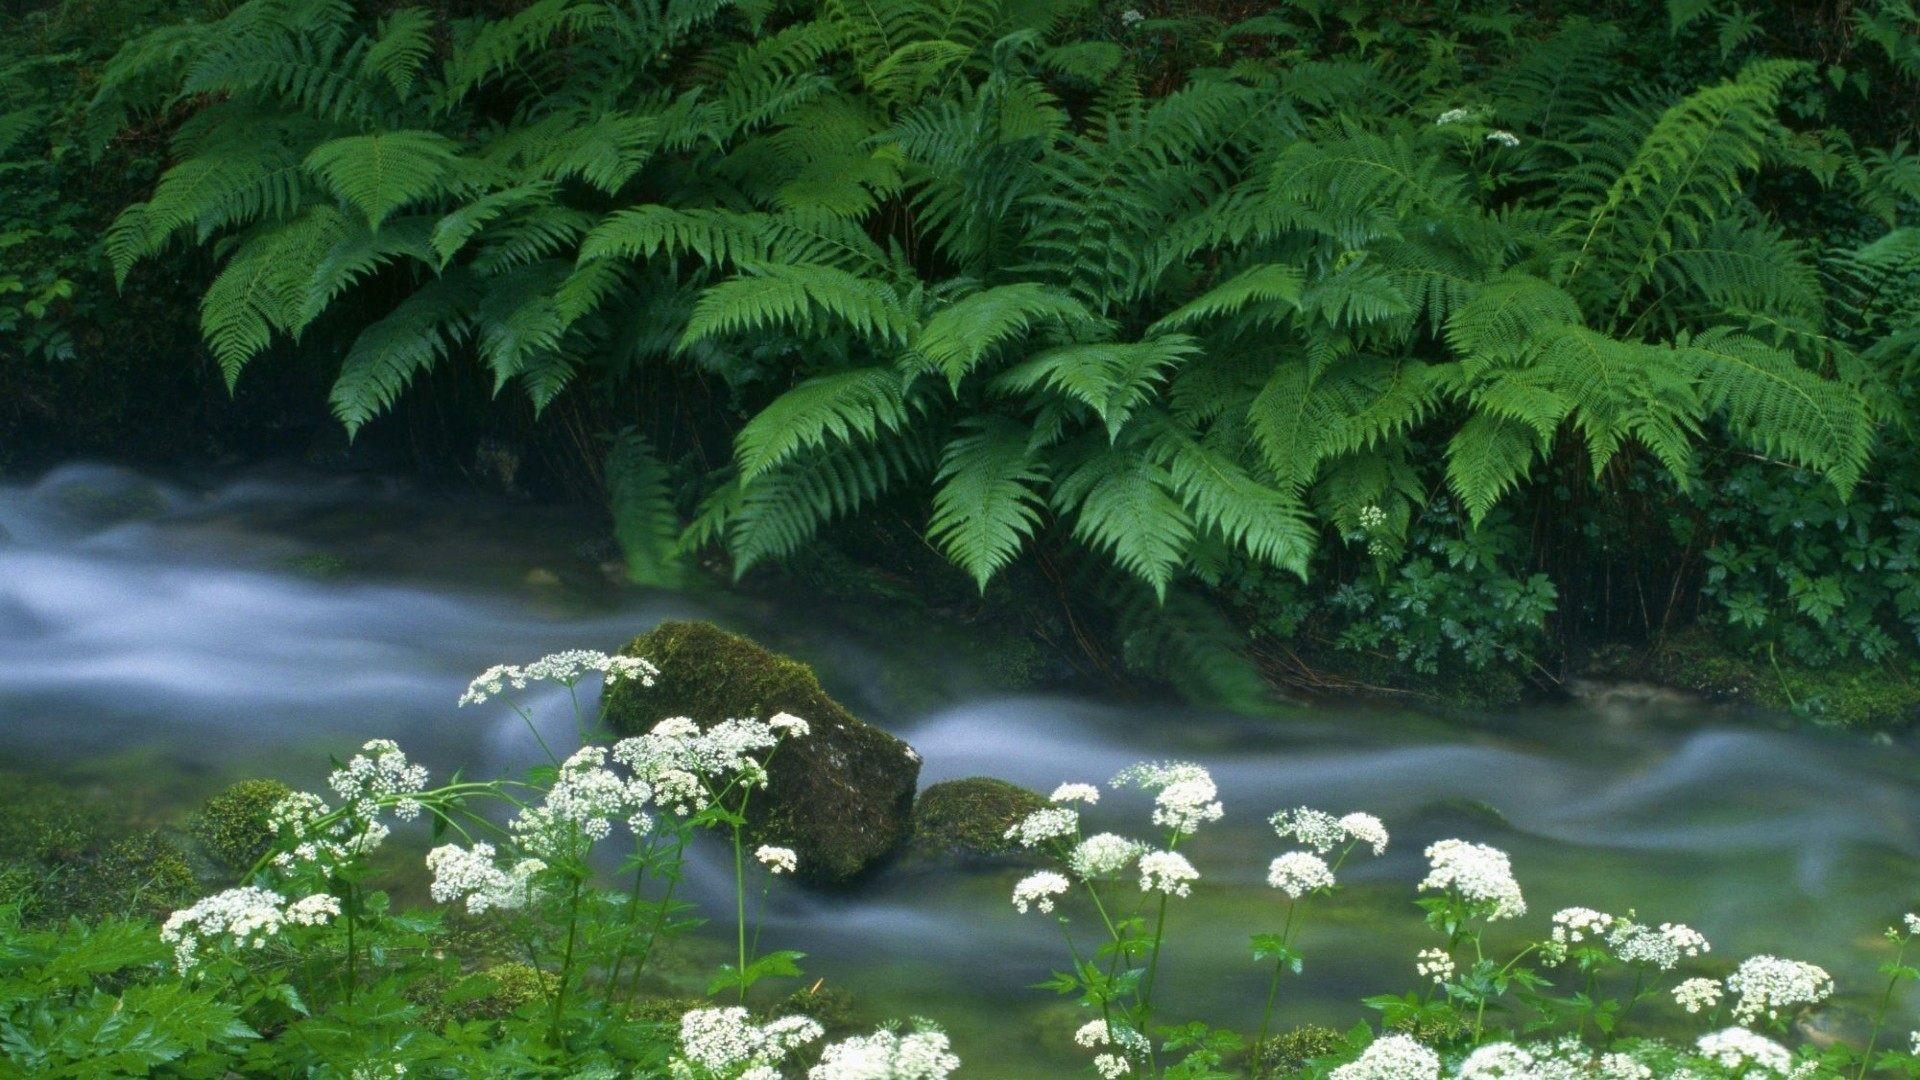 Fondos de pantalla de flora y vegetación ag